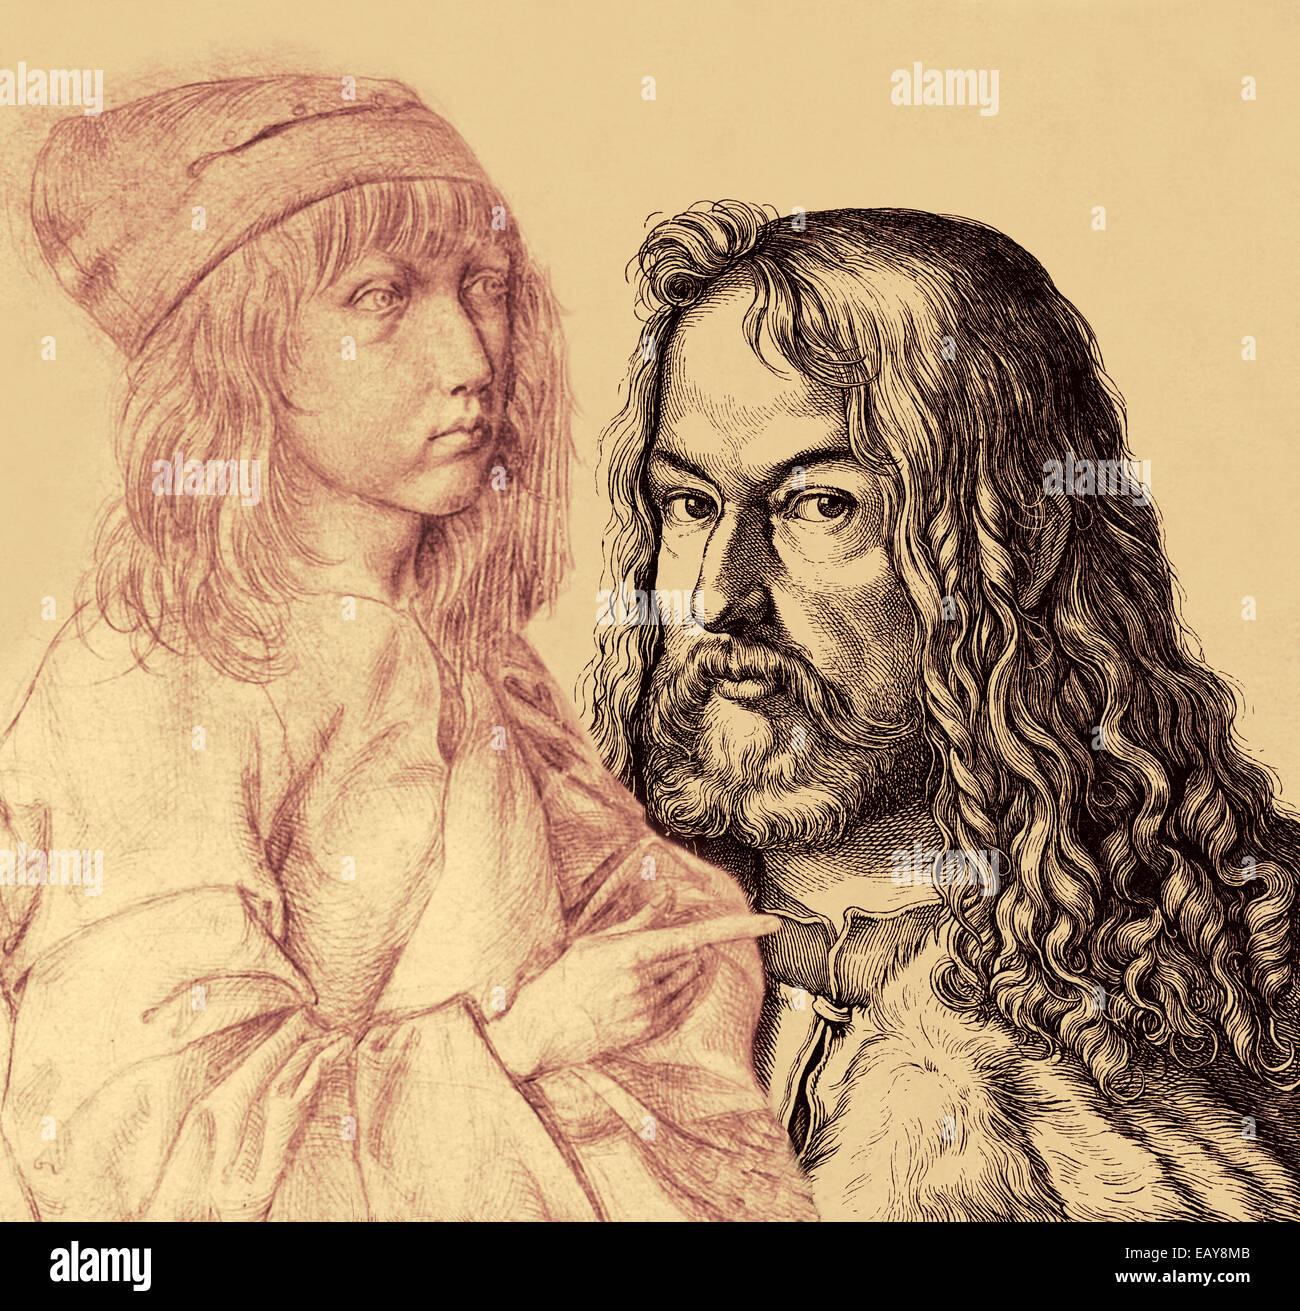 Albrecht Duerer der jüngere, 1471-1528, ein deutscher Maler, Grafiker, Mathematiker und Theoretiker in der Stockbild